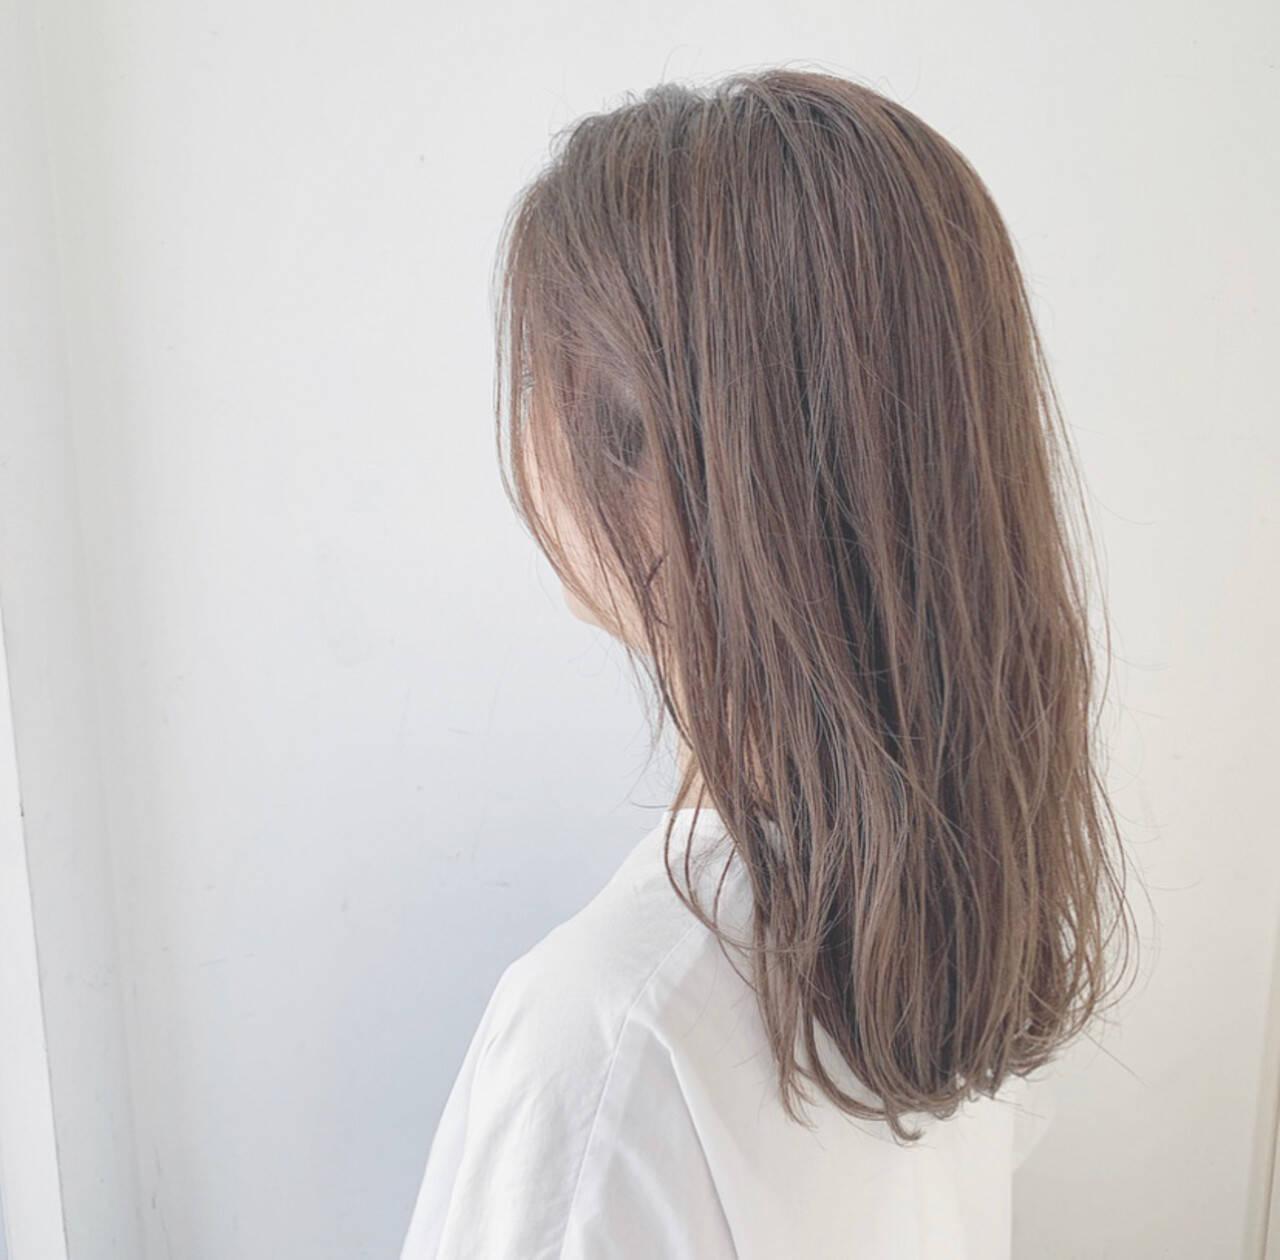 モテ髪 大人可愛い モテ髮シルエット デートヘアヘアスタイルや髪型の写真・画像